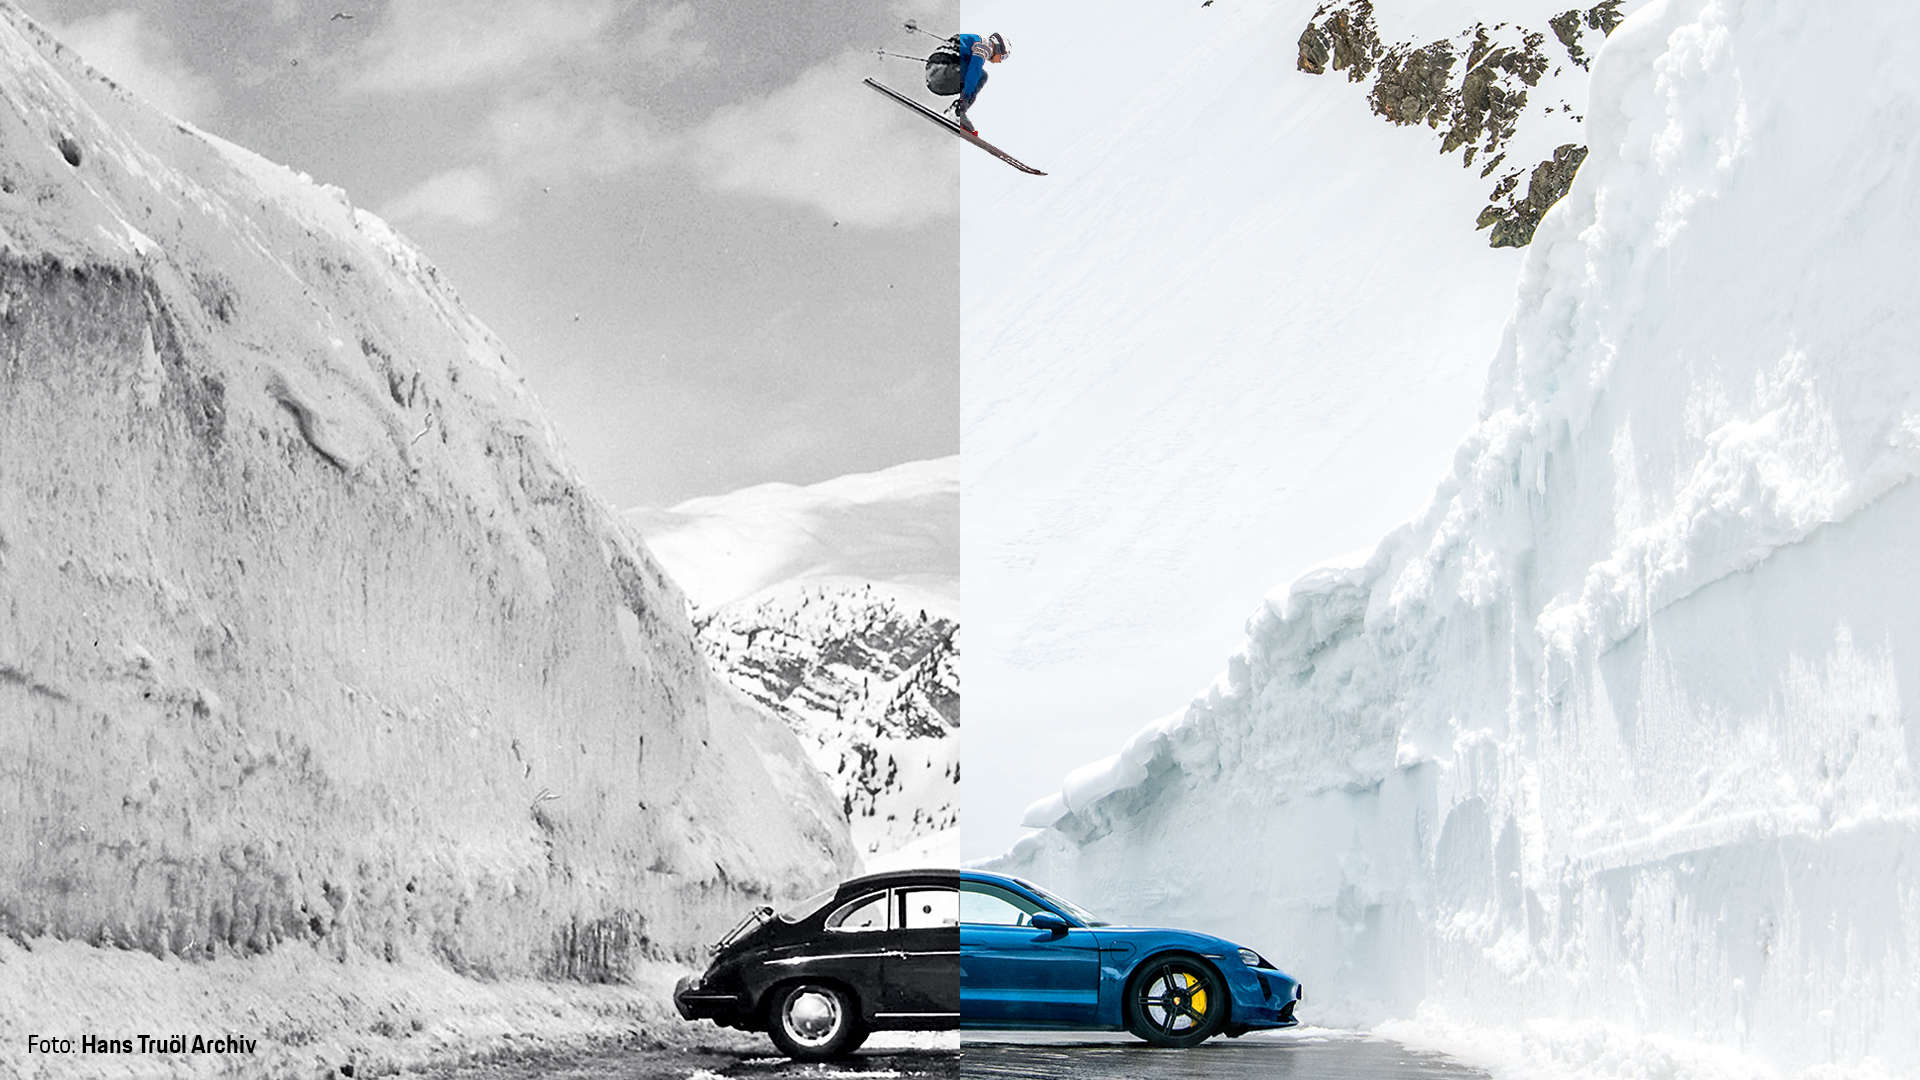 The Porsche Jump Collage